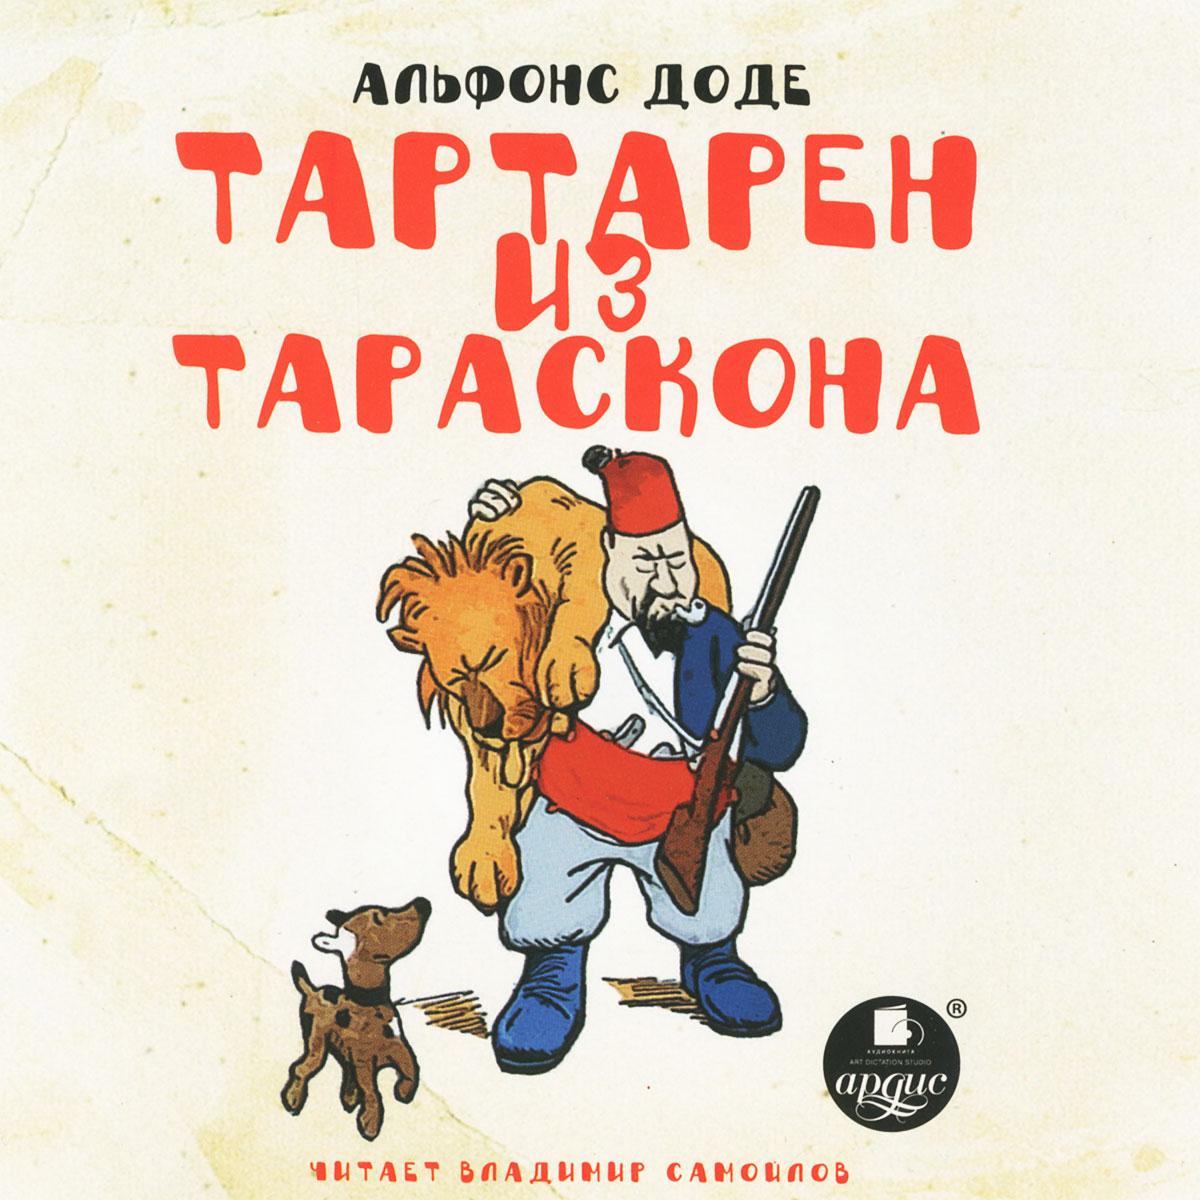 Тартарен из Тараскона (аудиокнига МР3)12296407Предлагаем вашему вниманию аудиокнигу Тартарен из Тараскона, записанную на студии АРДИС. Знаменитый истребитель львов, бесстрашный, великий, несравненный Тартарен - маленький толстенький человечек, смешной и трогательный герой французского писателя Альфонса Доде - живёт в городке Тараскон на юге Франции. Этот фантазёр и романтик, хвастун и болтун мечтает о странствиях и приключениях, а сам без конца попадает нелепые и комичные ситуации. Обладая душой Дон Кихота, он рвётся к подвигам, но пузатое и изнеженное тело Санчо Пансы препятствует осуществлению великих замыслов. И все-таки однажды Тартарен покинет свой уютный дом и сад с баобабом и отправится в Алжир охотиться на львов - навстречу приключениям и опасностям.